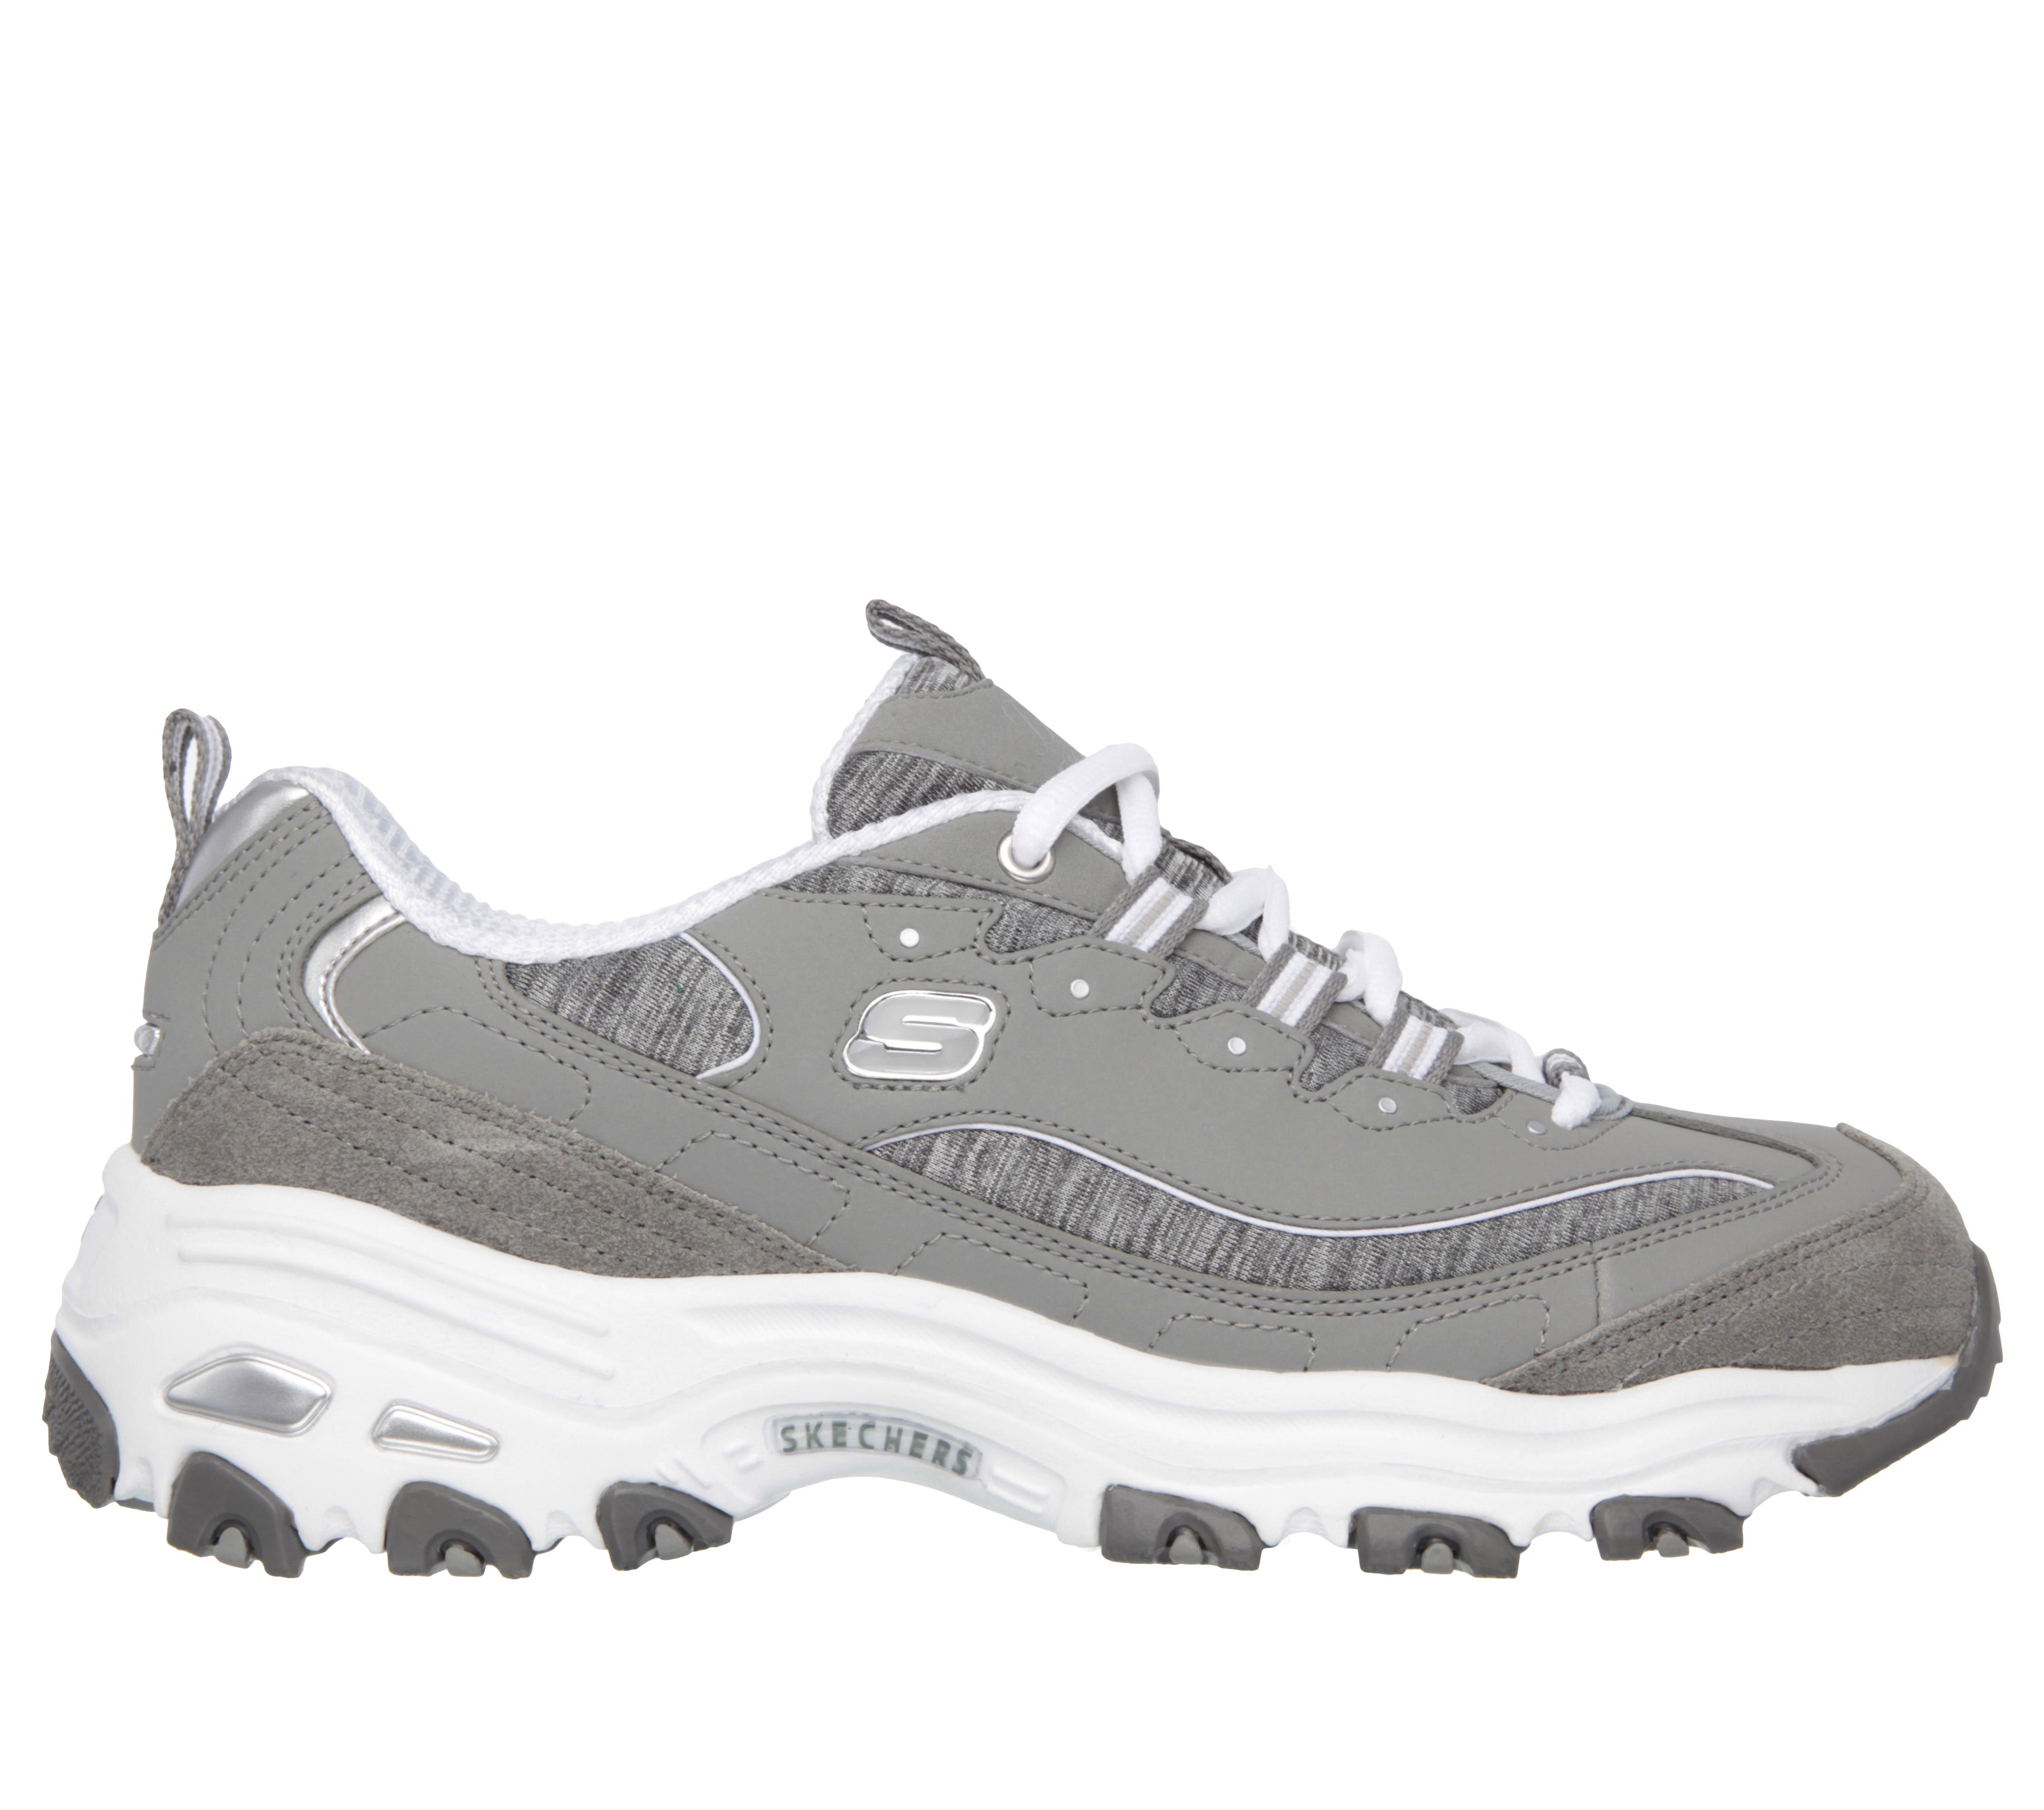 sketcher zapatos usa europe style